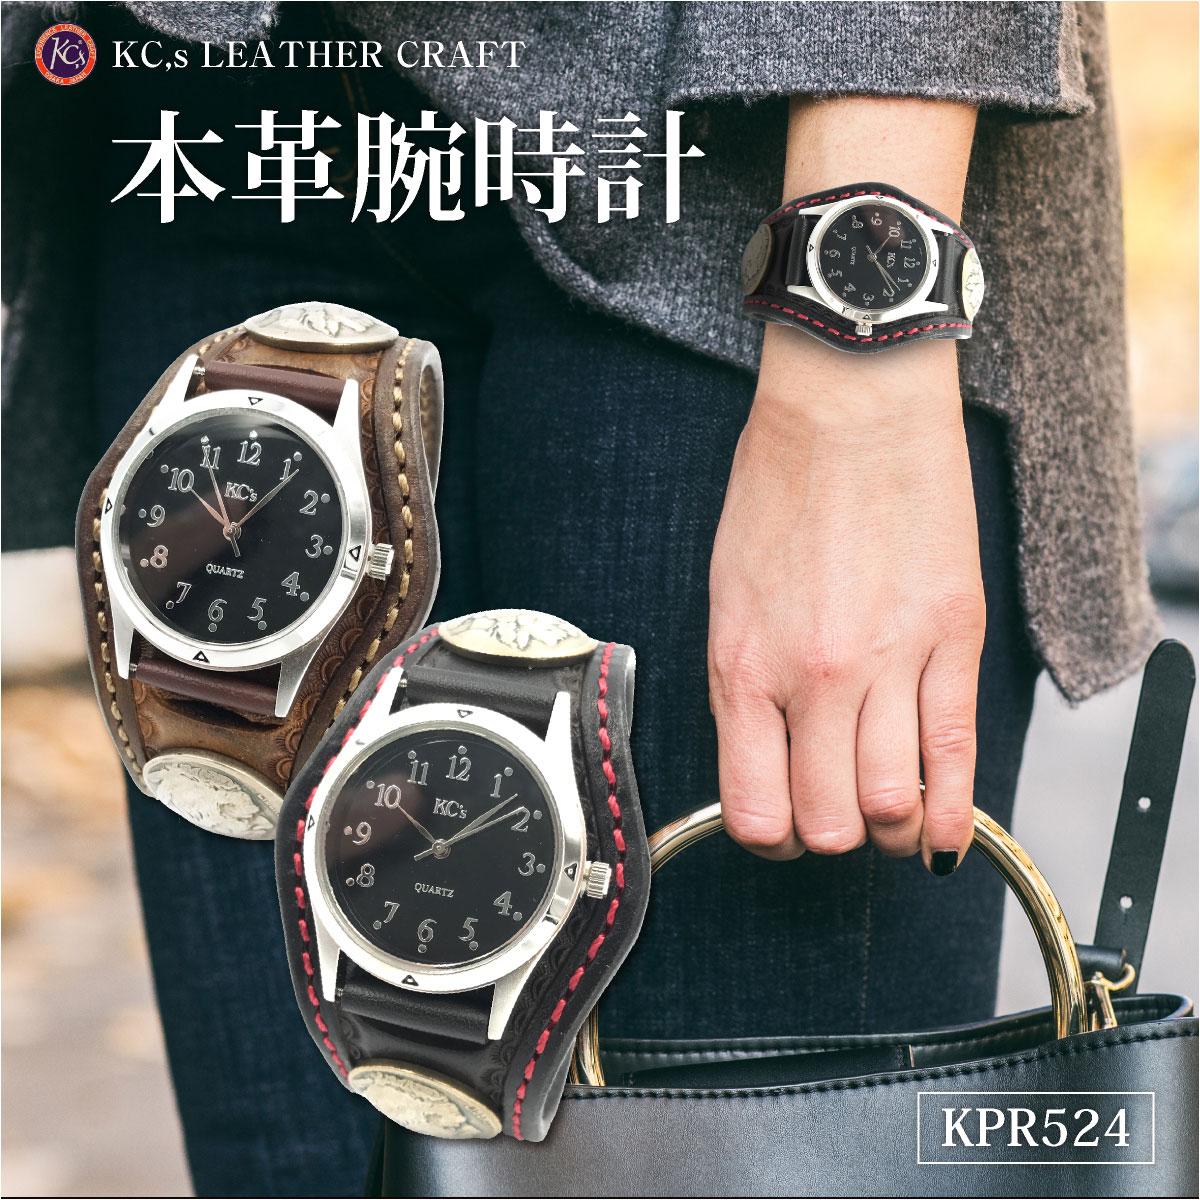 腕時計 メンズ レディース 本革 革 レザー KC,s ケーシーズ ケイシイズ 3コンチョ ツートン レザーブレスレット kpr524